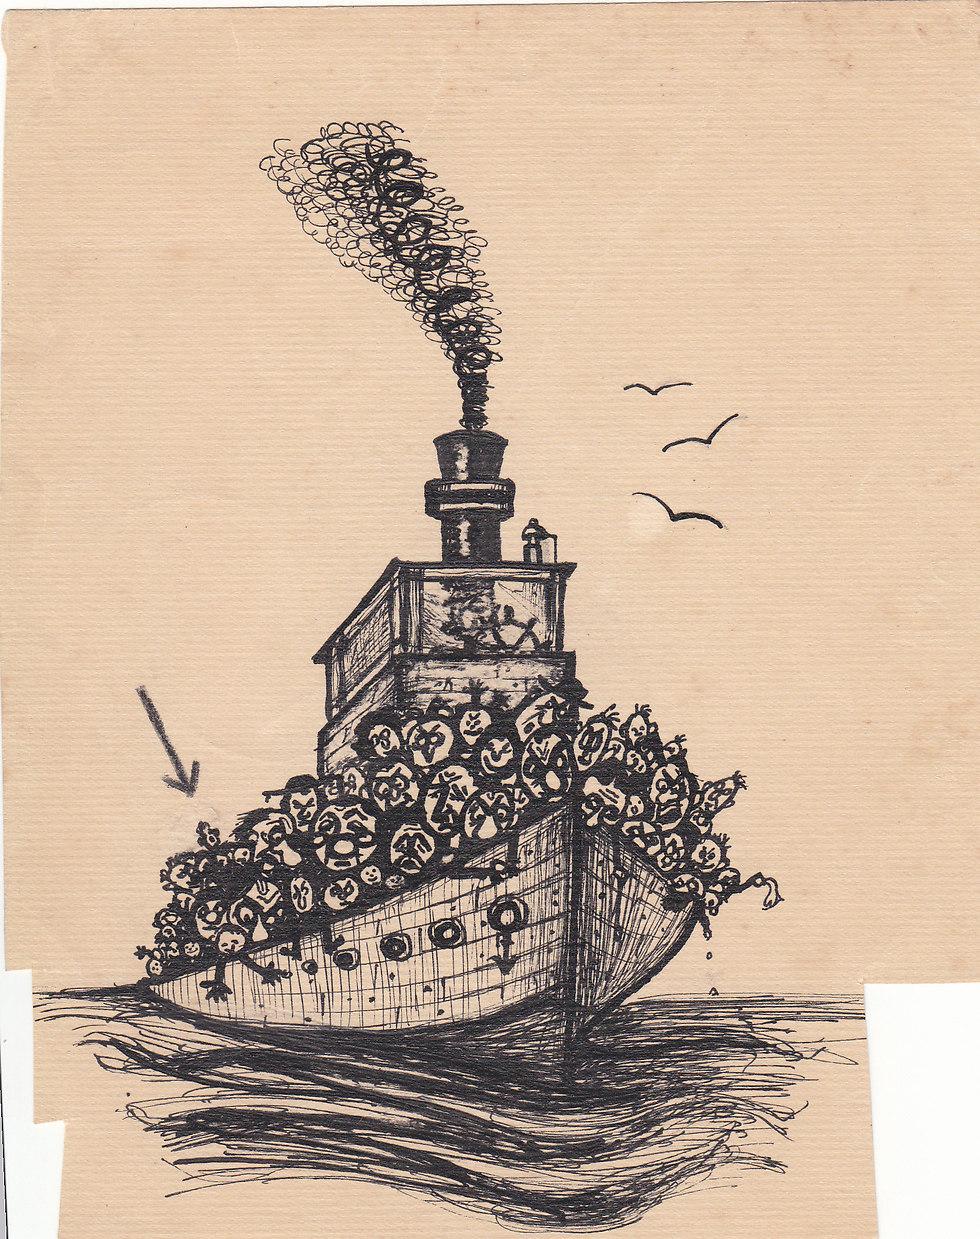 האוניה גלילה. קישון אף צייר את עצמו - מסומן בחץ (מאת אפרים קישון)